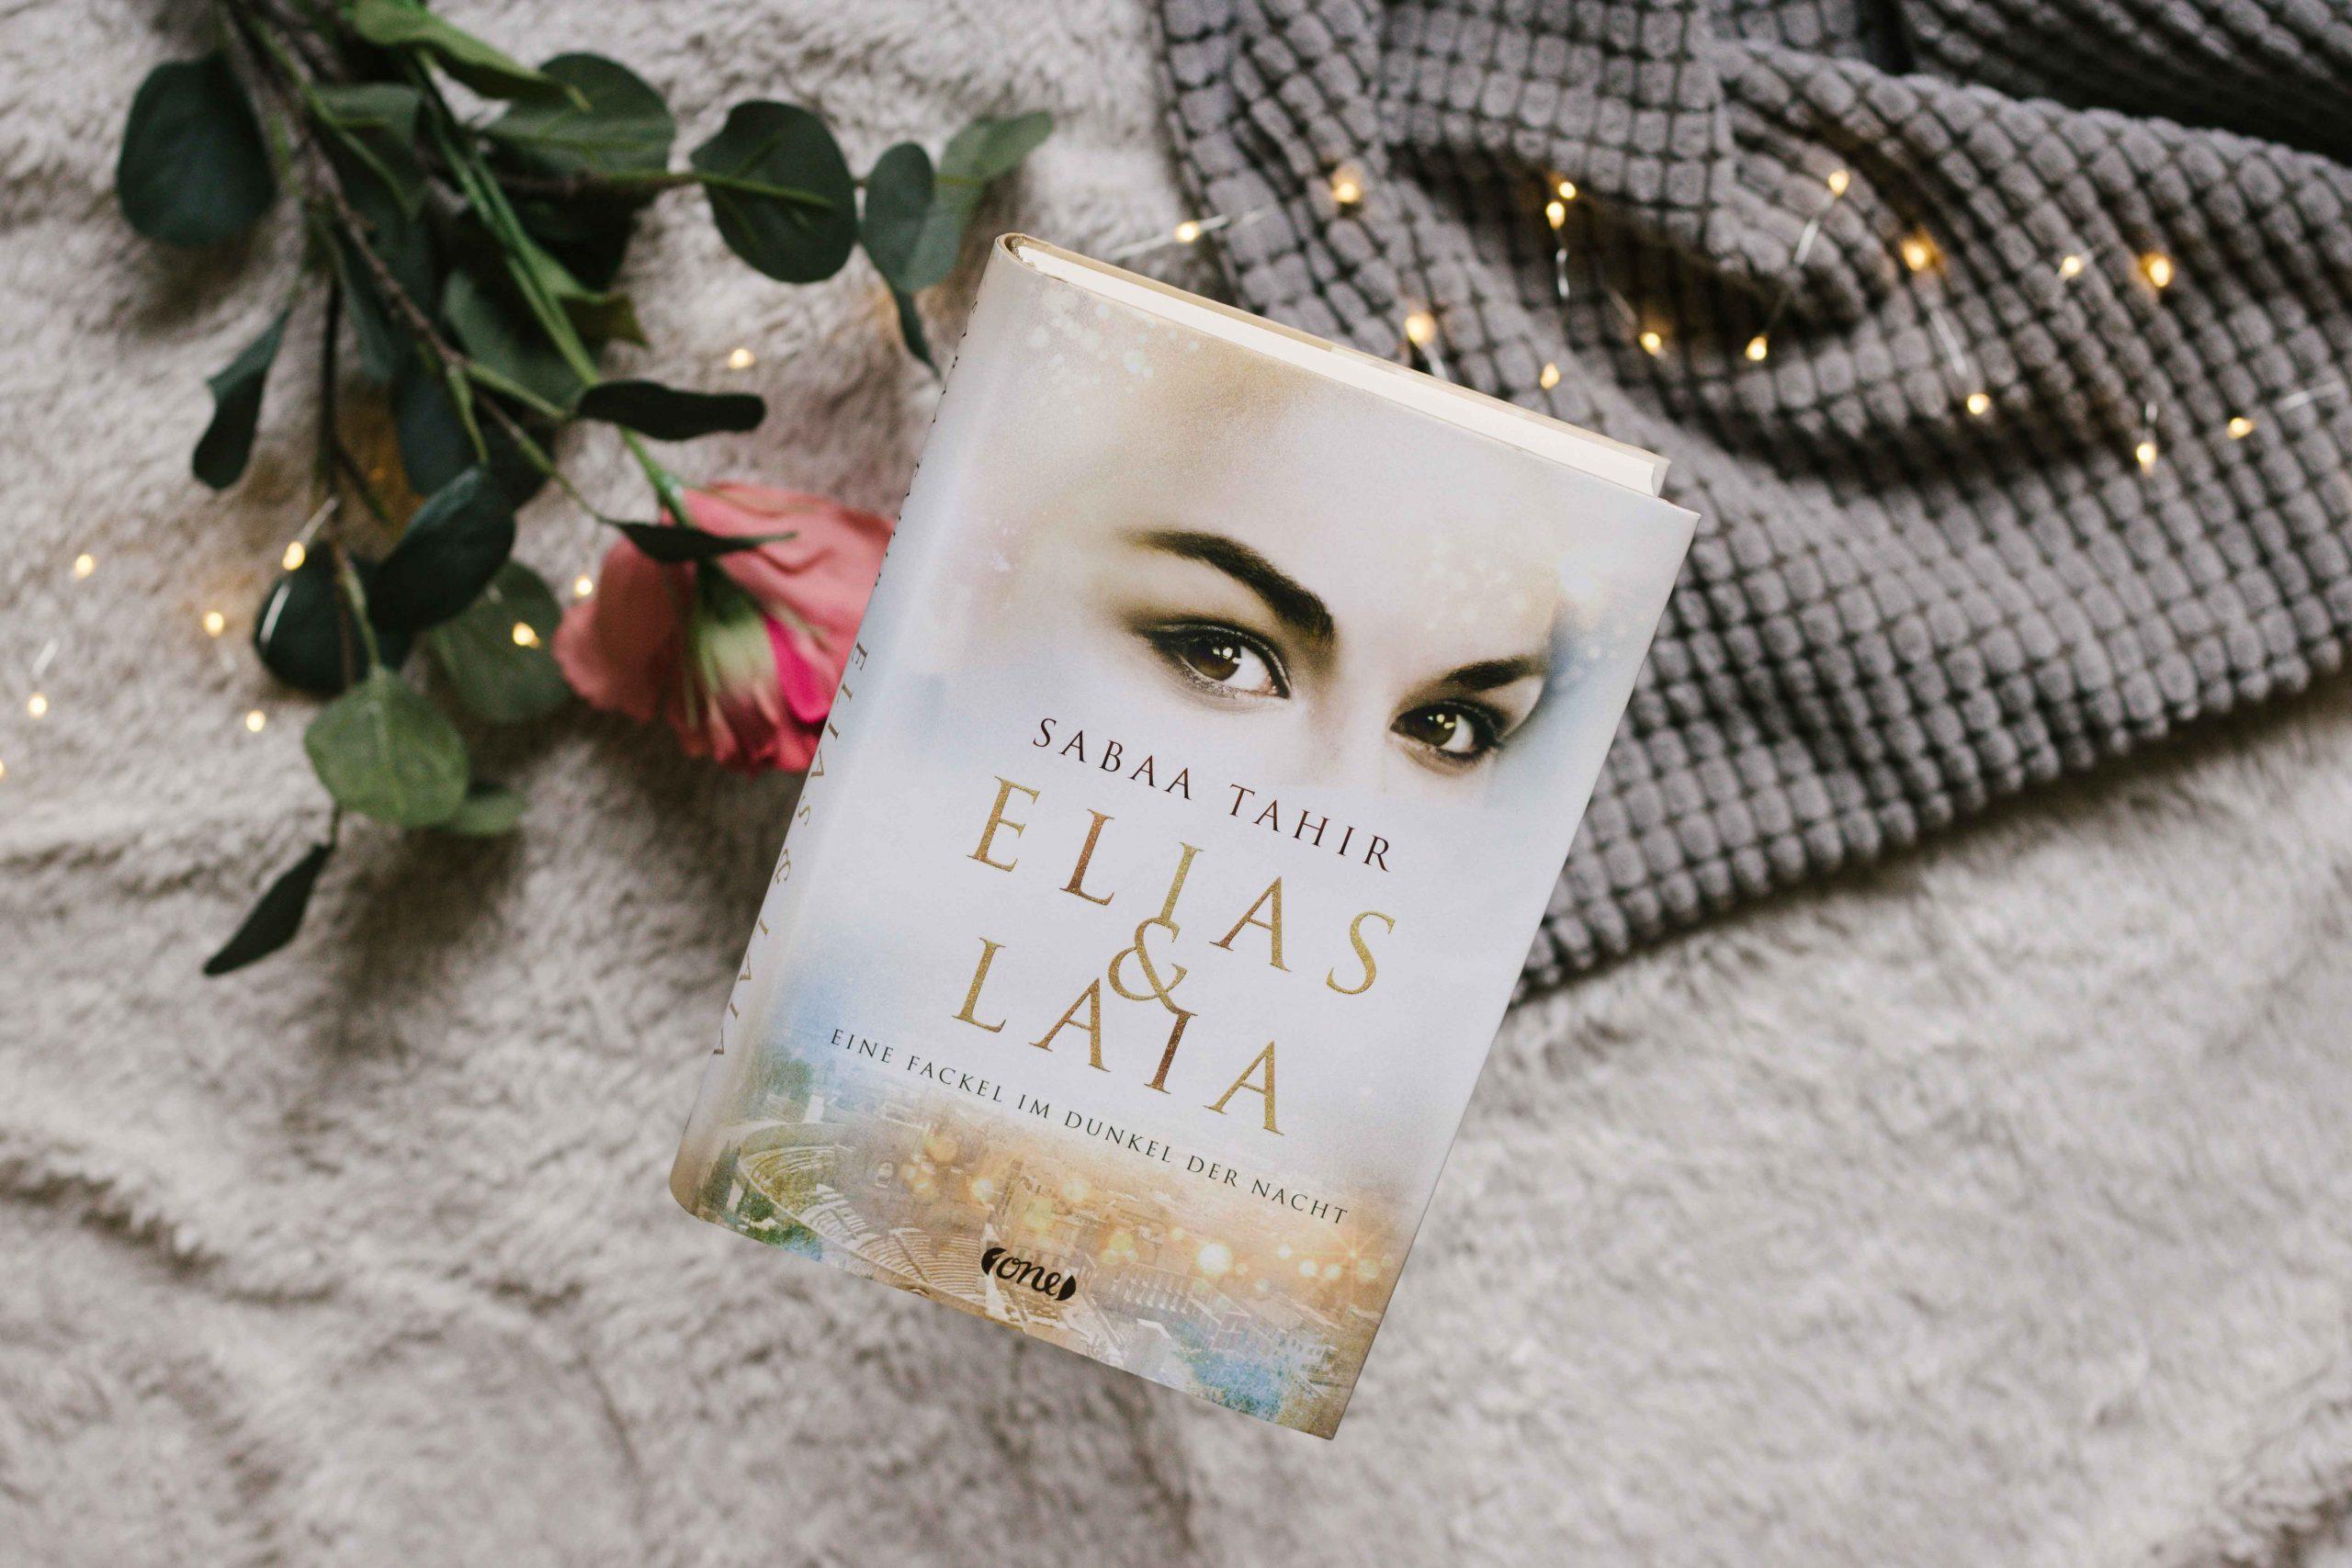 Eine Fackel im Dunkel der Nacht – Elias & Laia | Sabaa Tahir